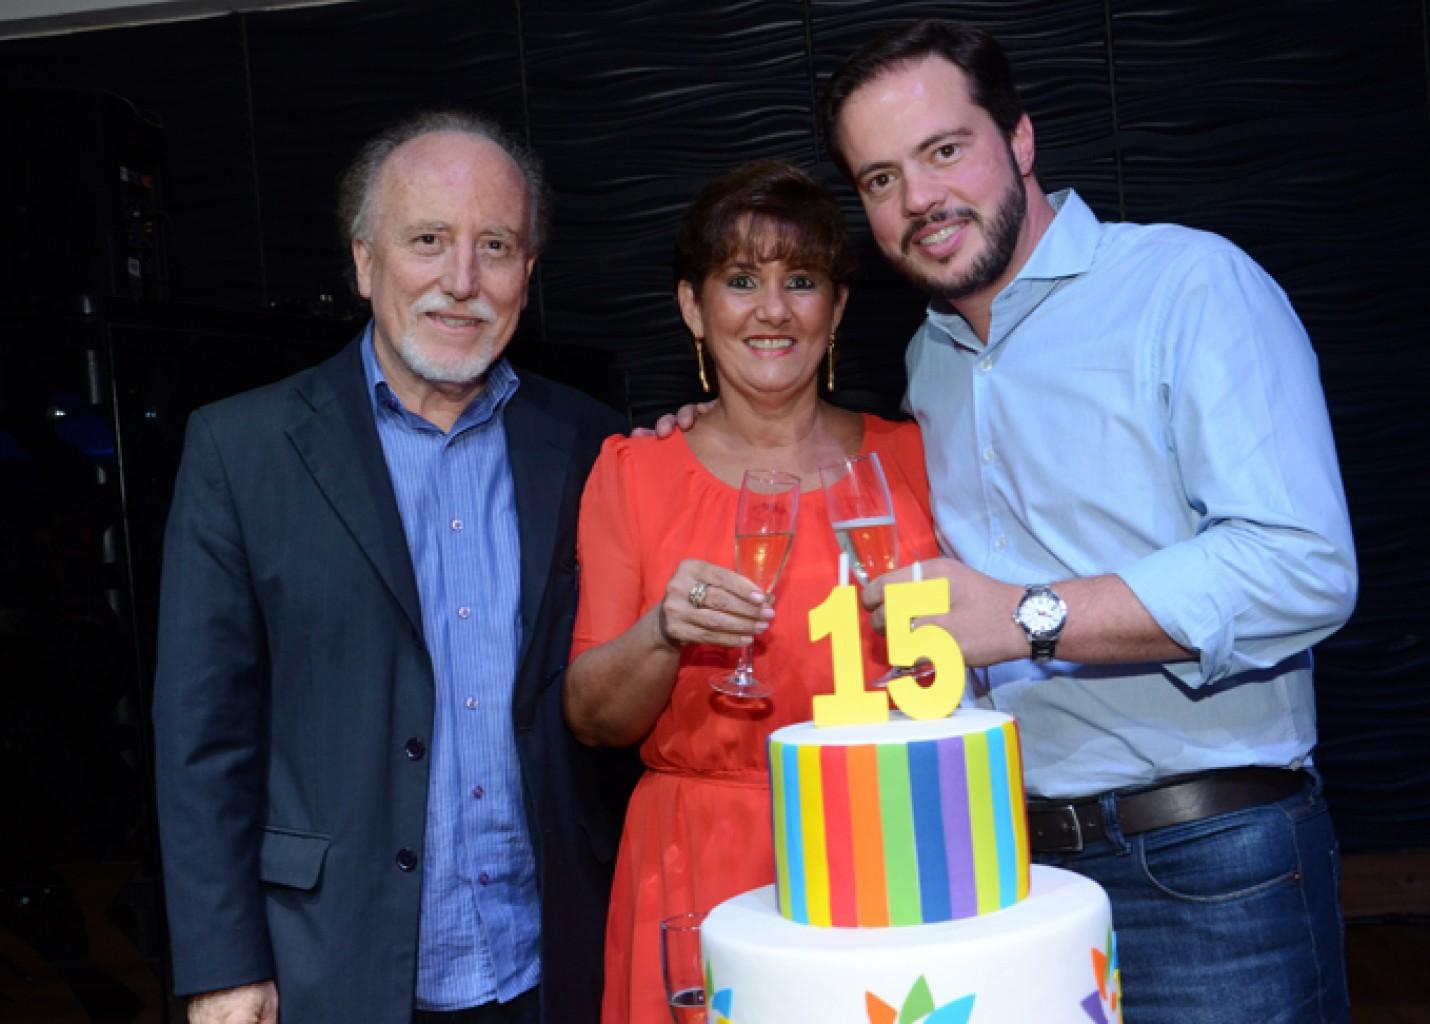 Santos e Região CVB comemora 15 anos com festa